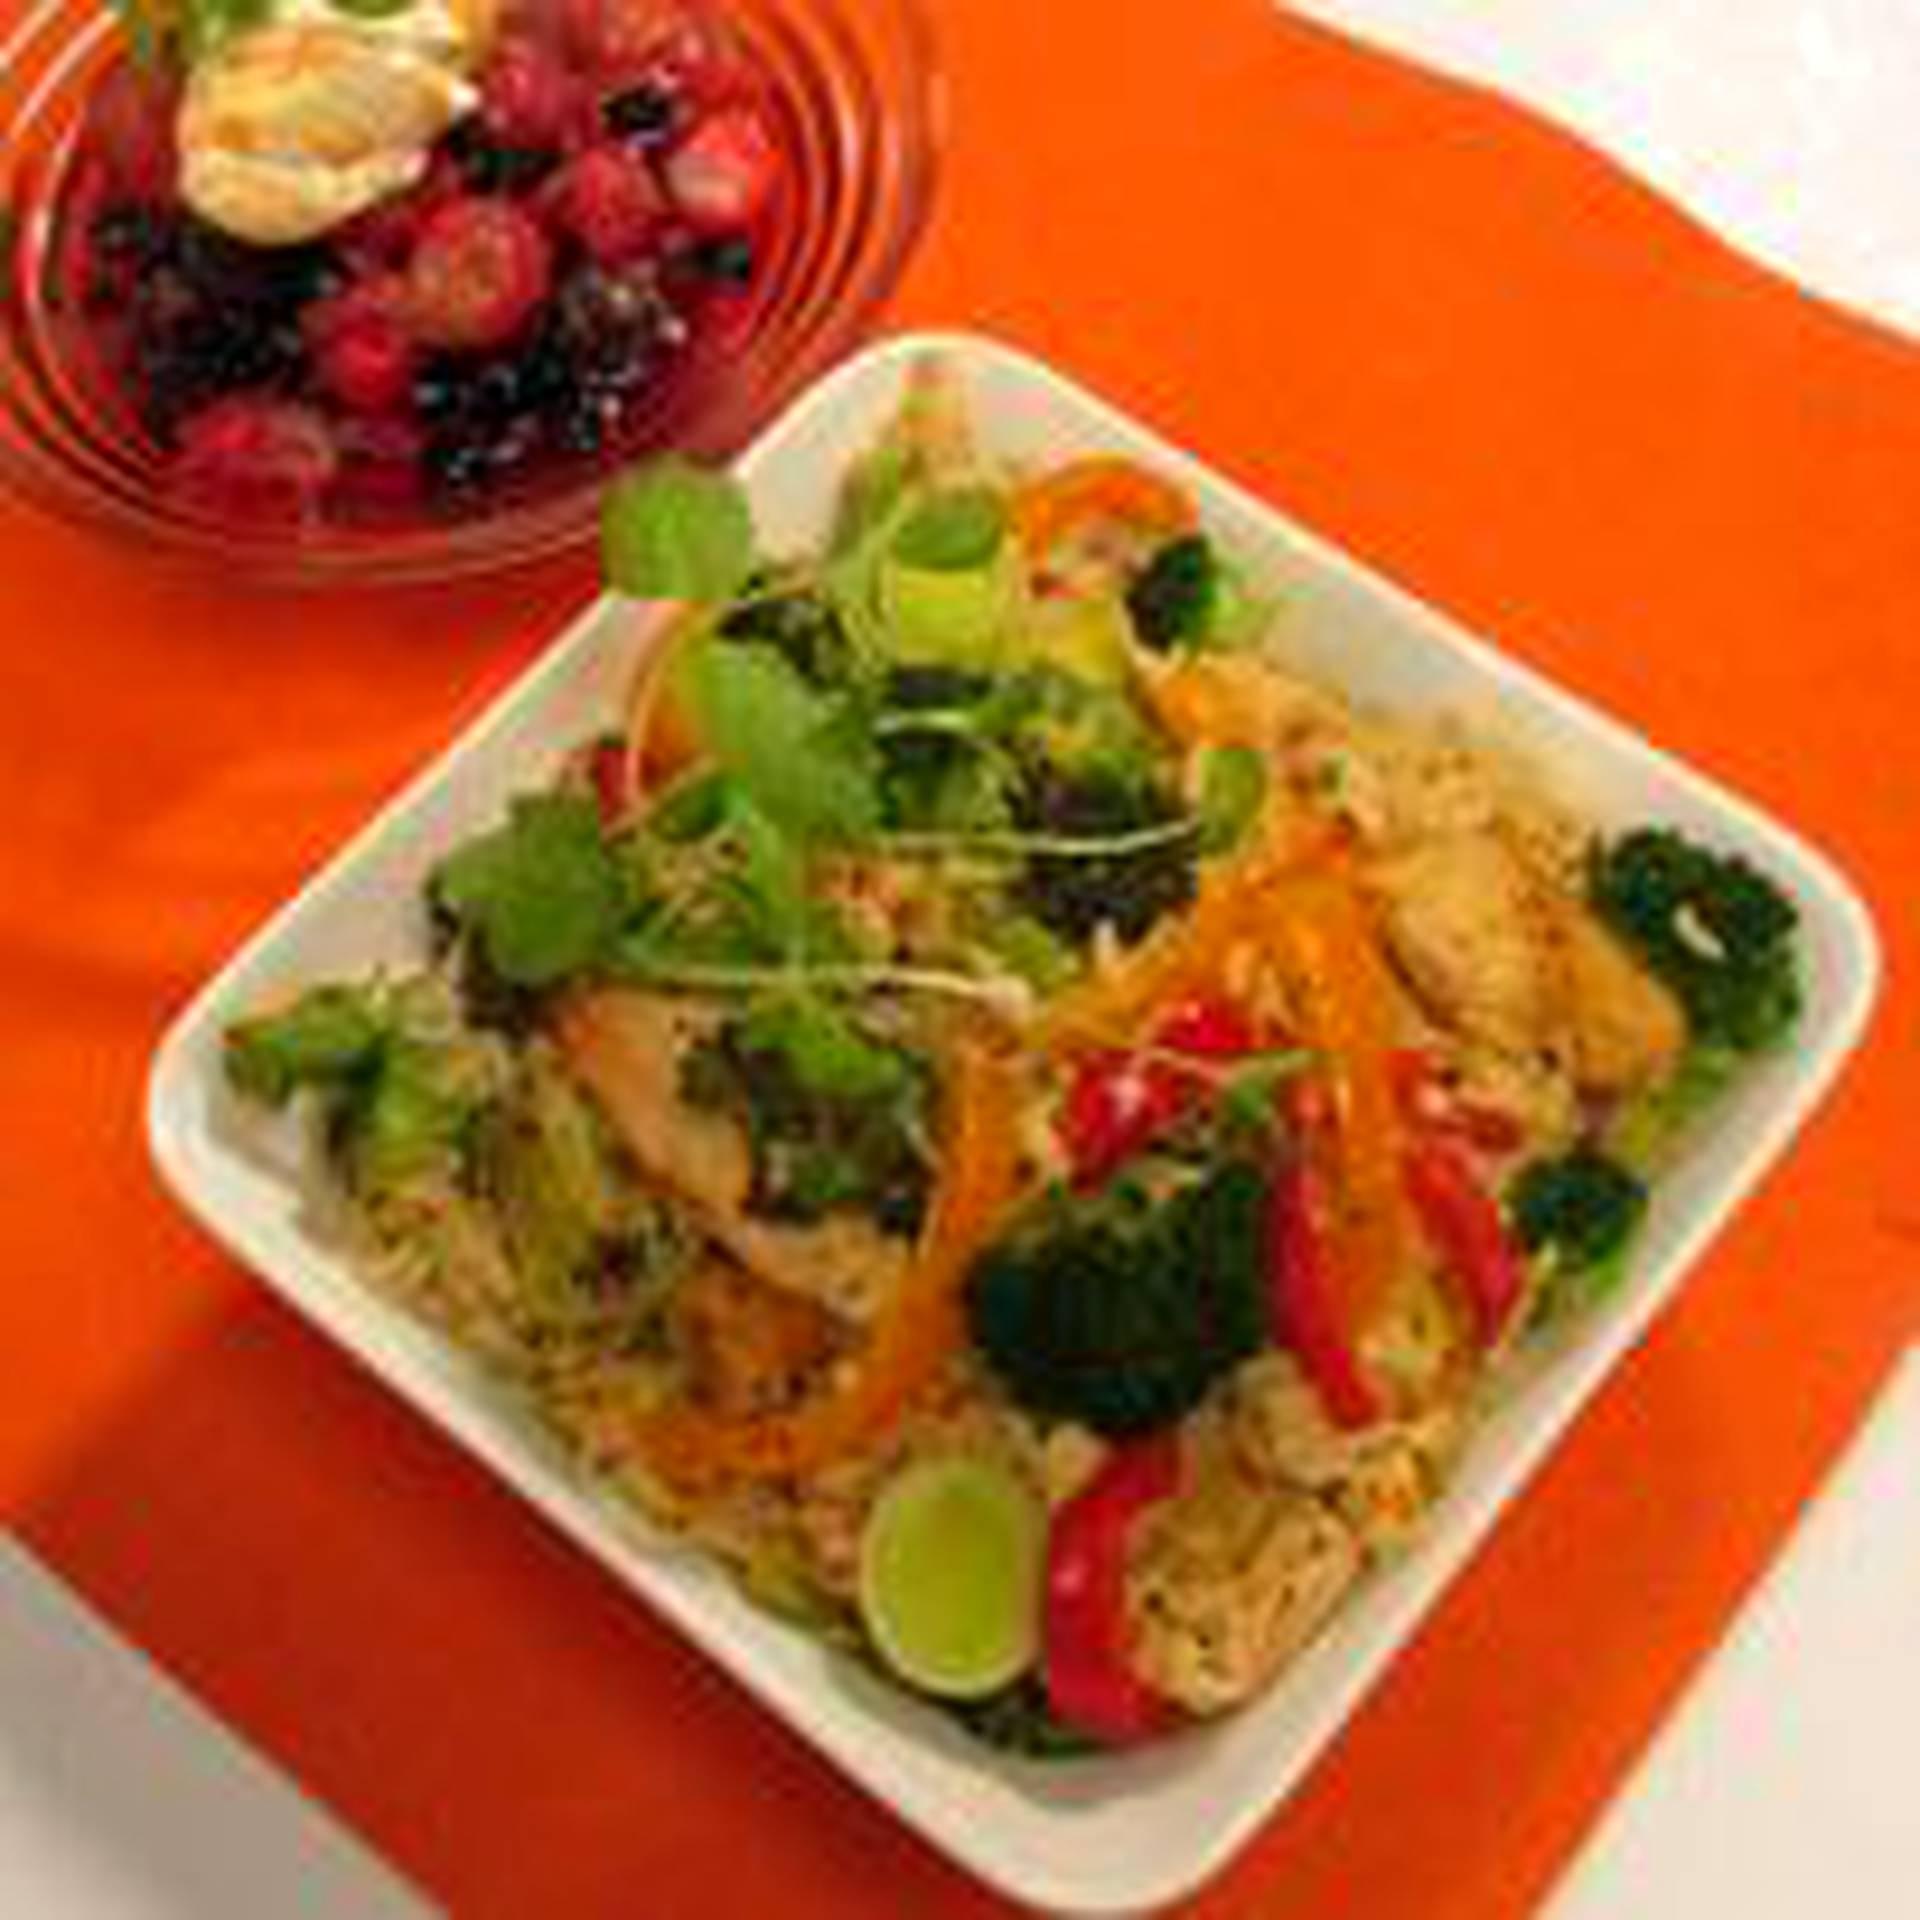 broileri riisivuoka uunissa